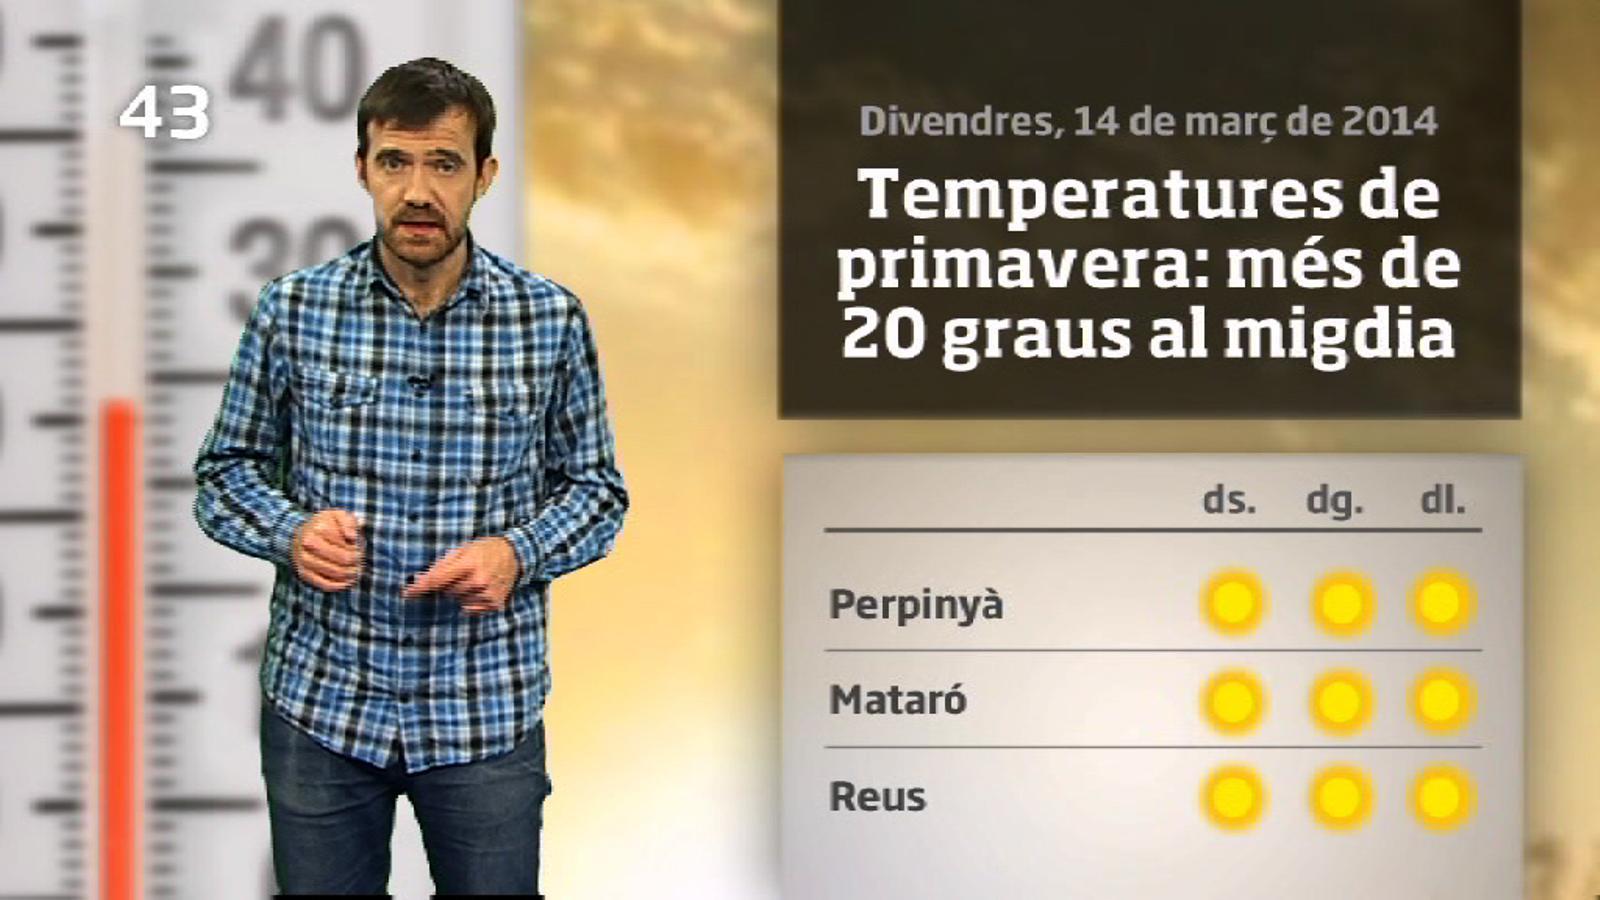 La méteo en 1 minut: aquest cap de setmana serà primaveral però l'hivern no és mort (15/3/2014)